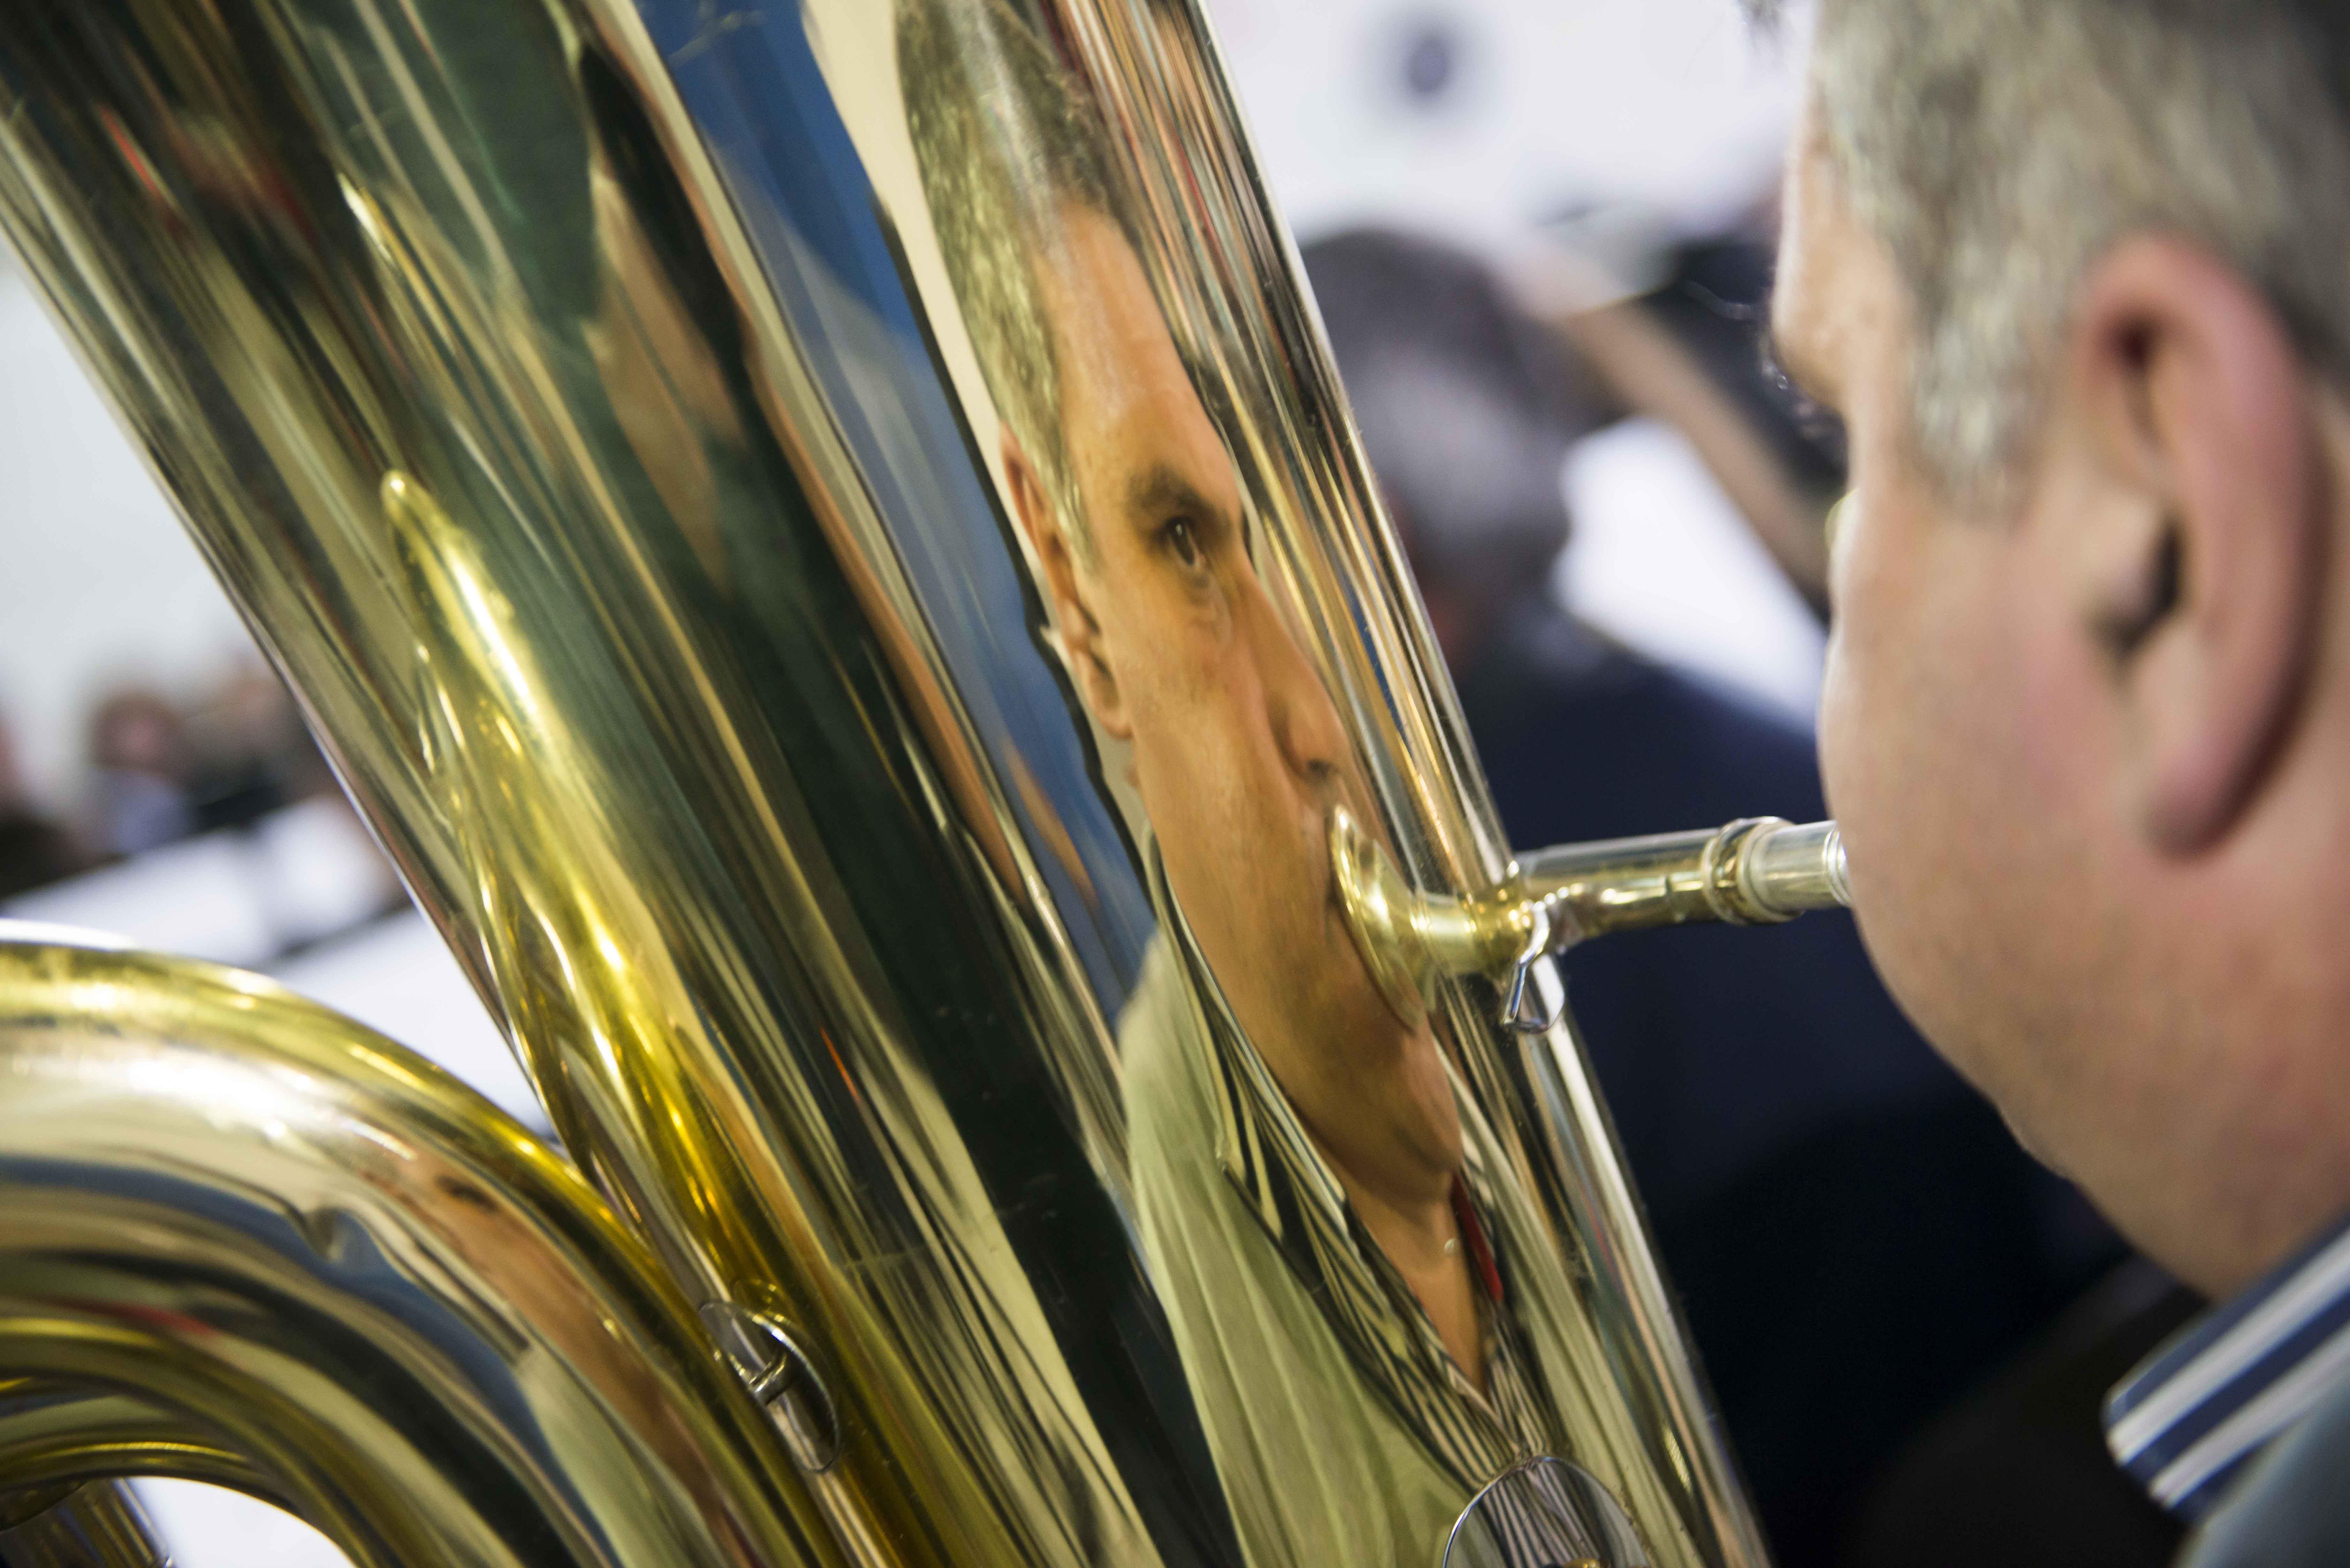 Ensaio geral para o concerto sensorial Nascente que se realizará no dia 30 de novembro, pelas 21.30h no Teatro José Lúcio da Silva. Uma produção do SMAS de Leiria e da Sociedade Filarmónica Sr. dos Aflitos do Soutocico que vai contar com 150 músicos em palco. A entrada é gratuita.